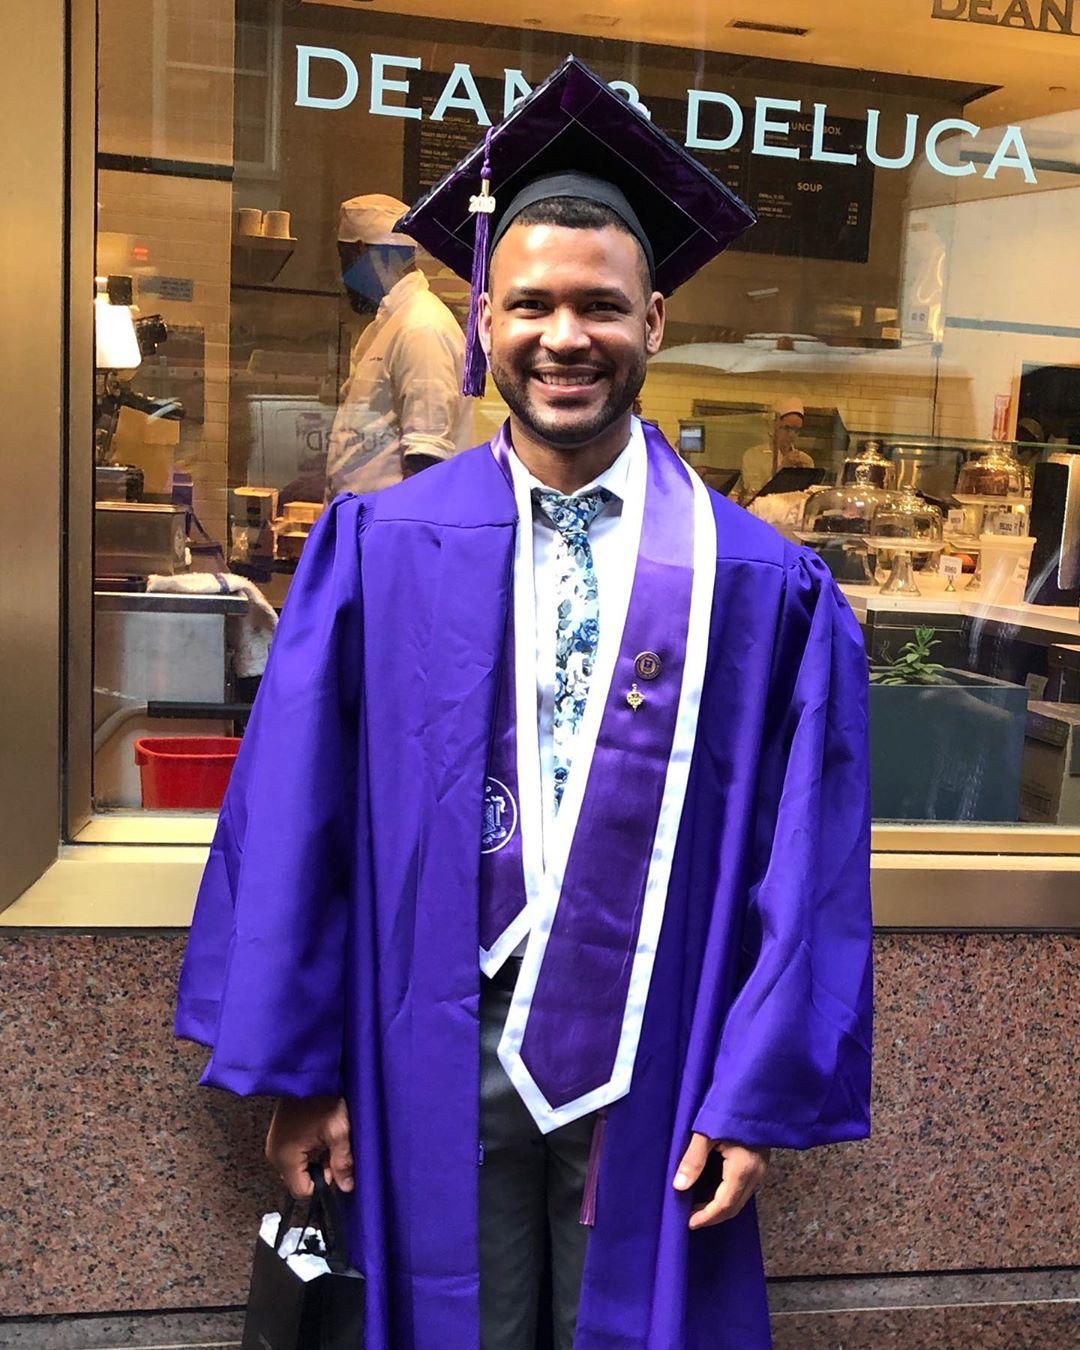 Hombre se gradúa enfermero en la universidad donde trabajaba como auxiliar de aseo